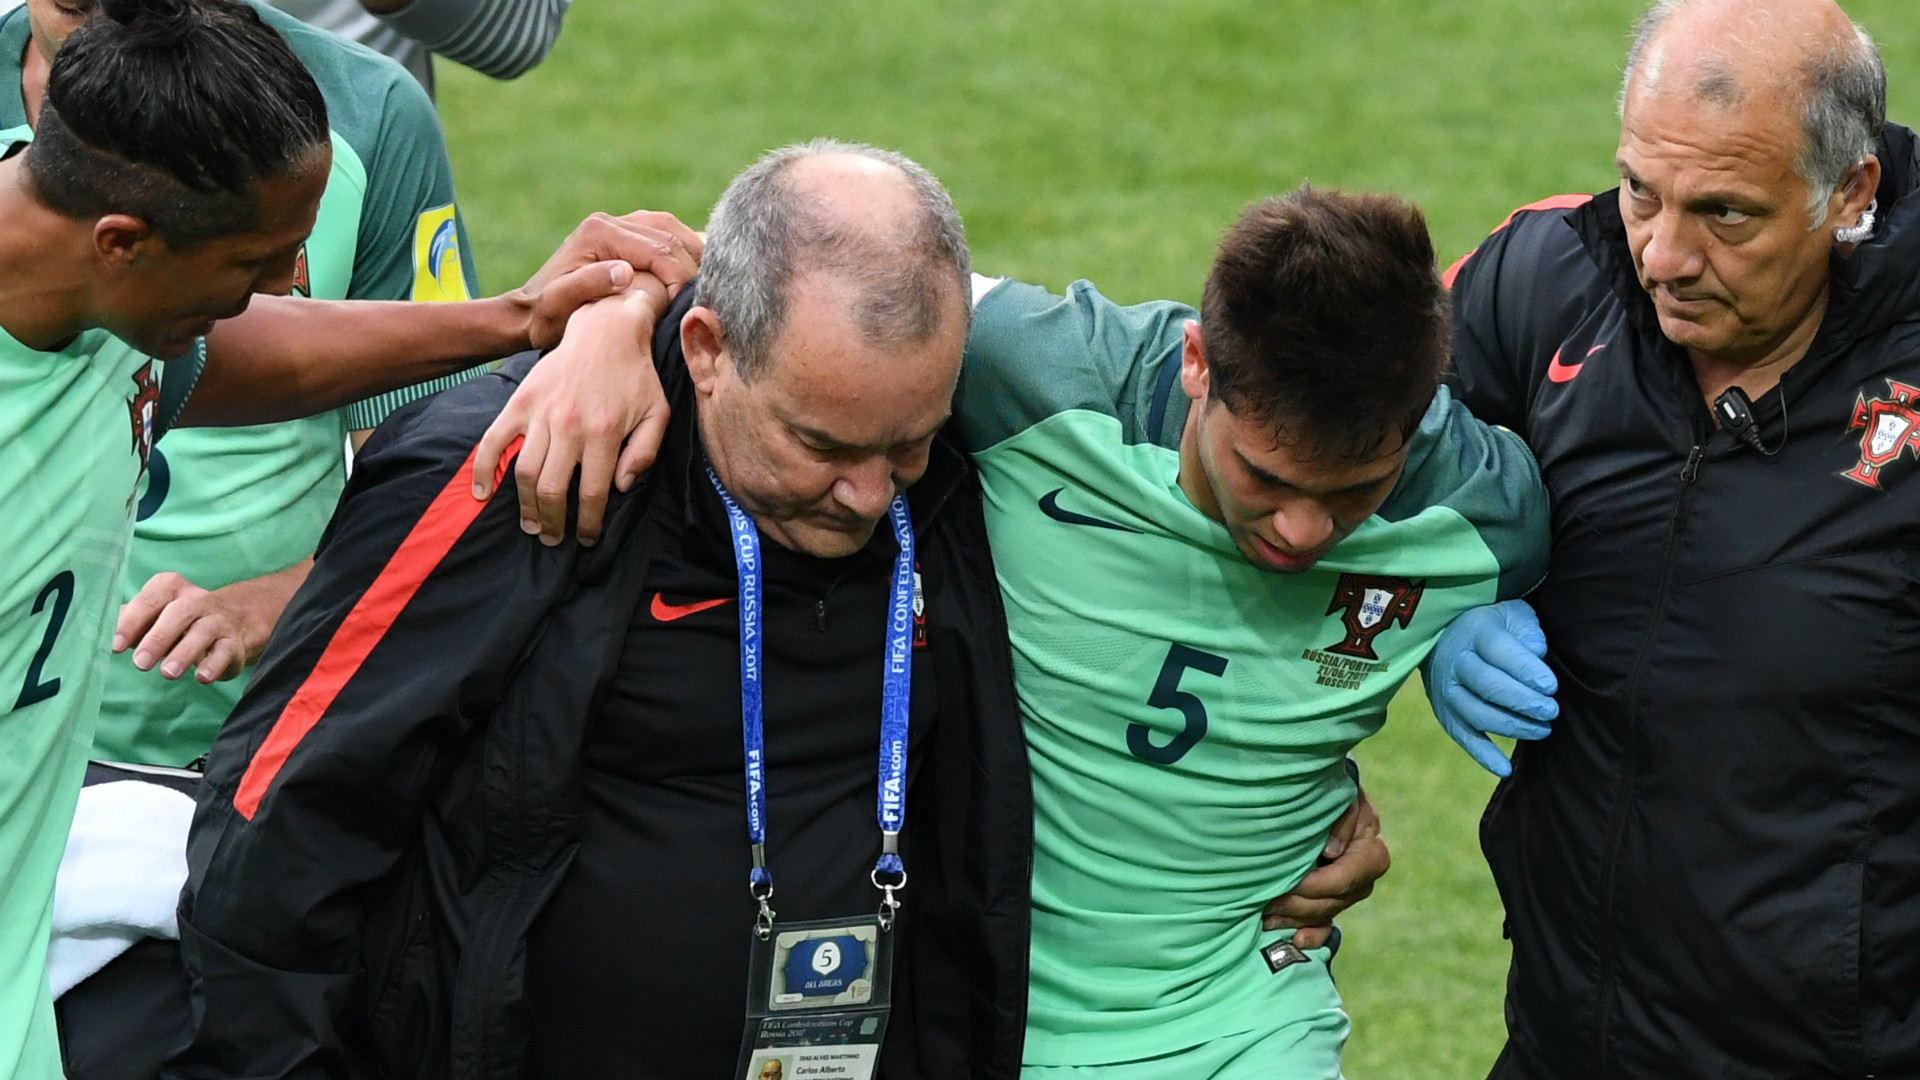 Portugal fracture de cheville pour Guerreiro